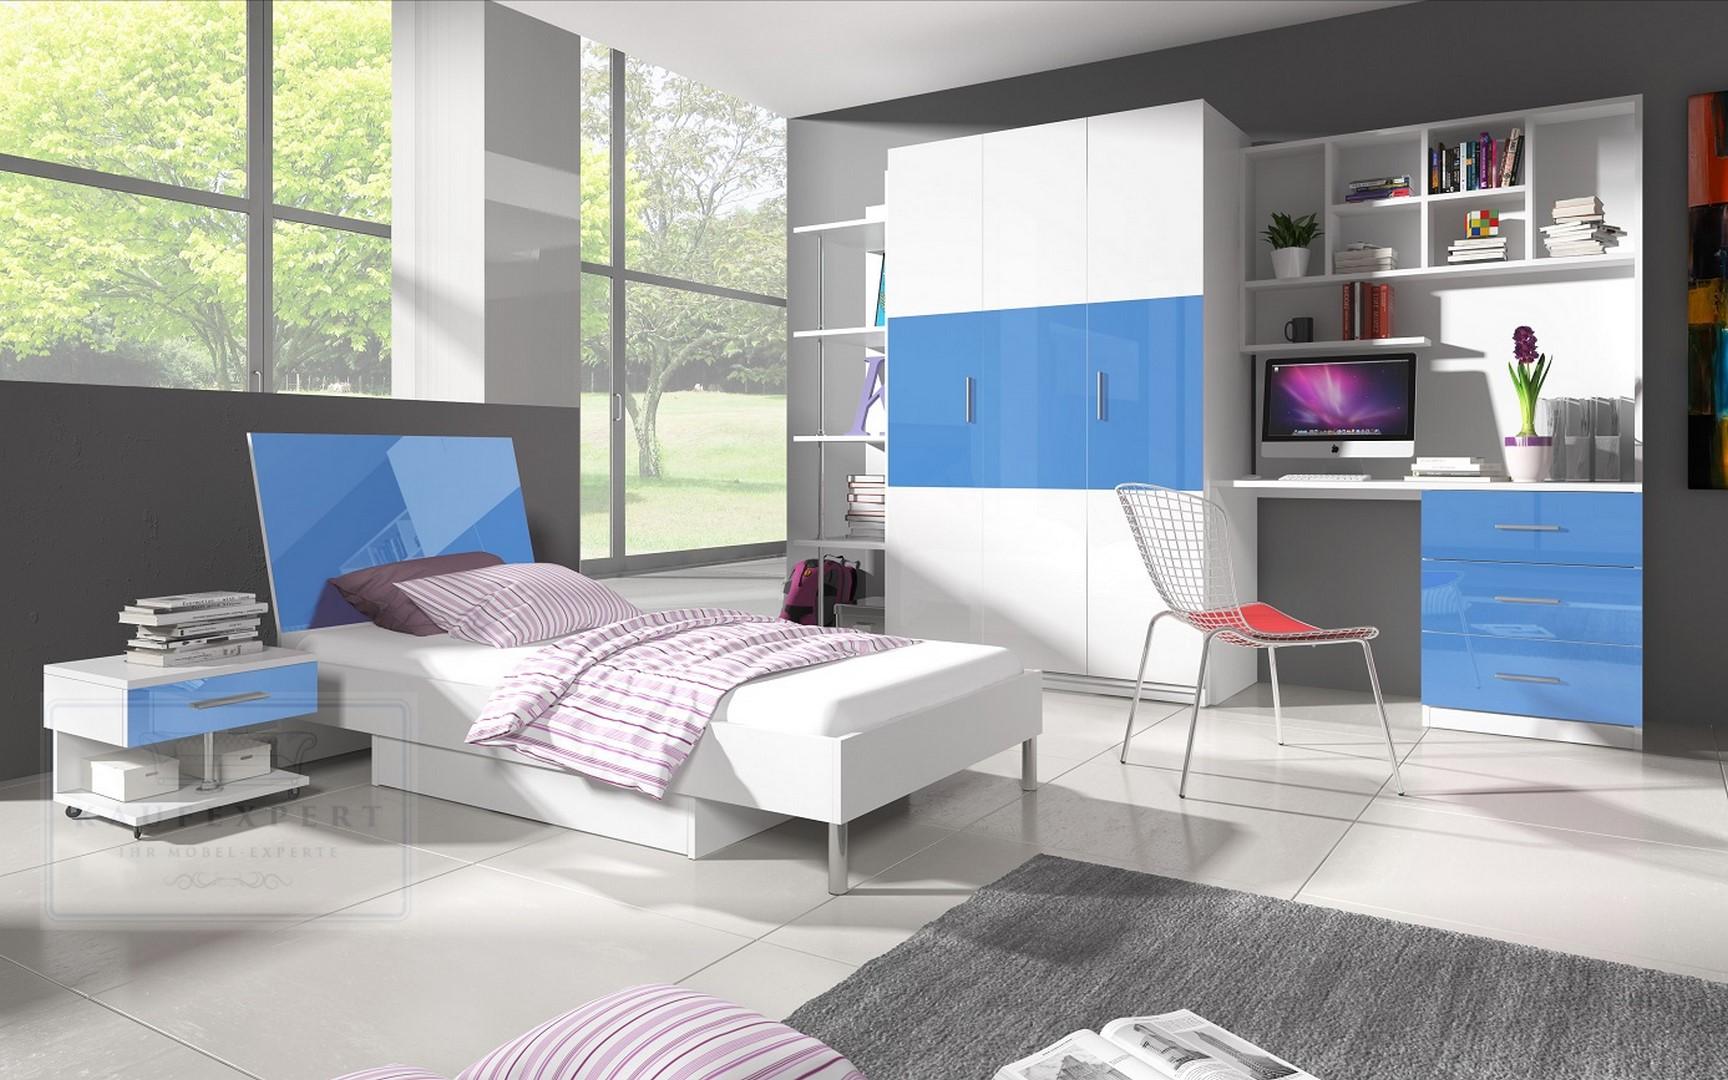 Jugendzimmer komplett weiß hochglanz  KAUFEXPERT - Kinderzimmer Paradise 3 Blau Hochglanz Jugendzimmer ...